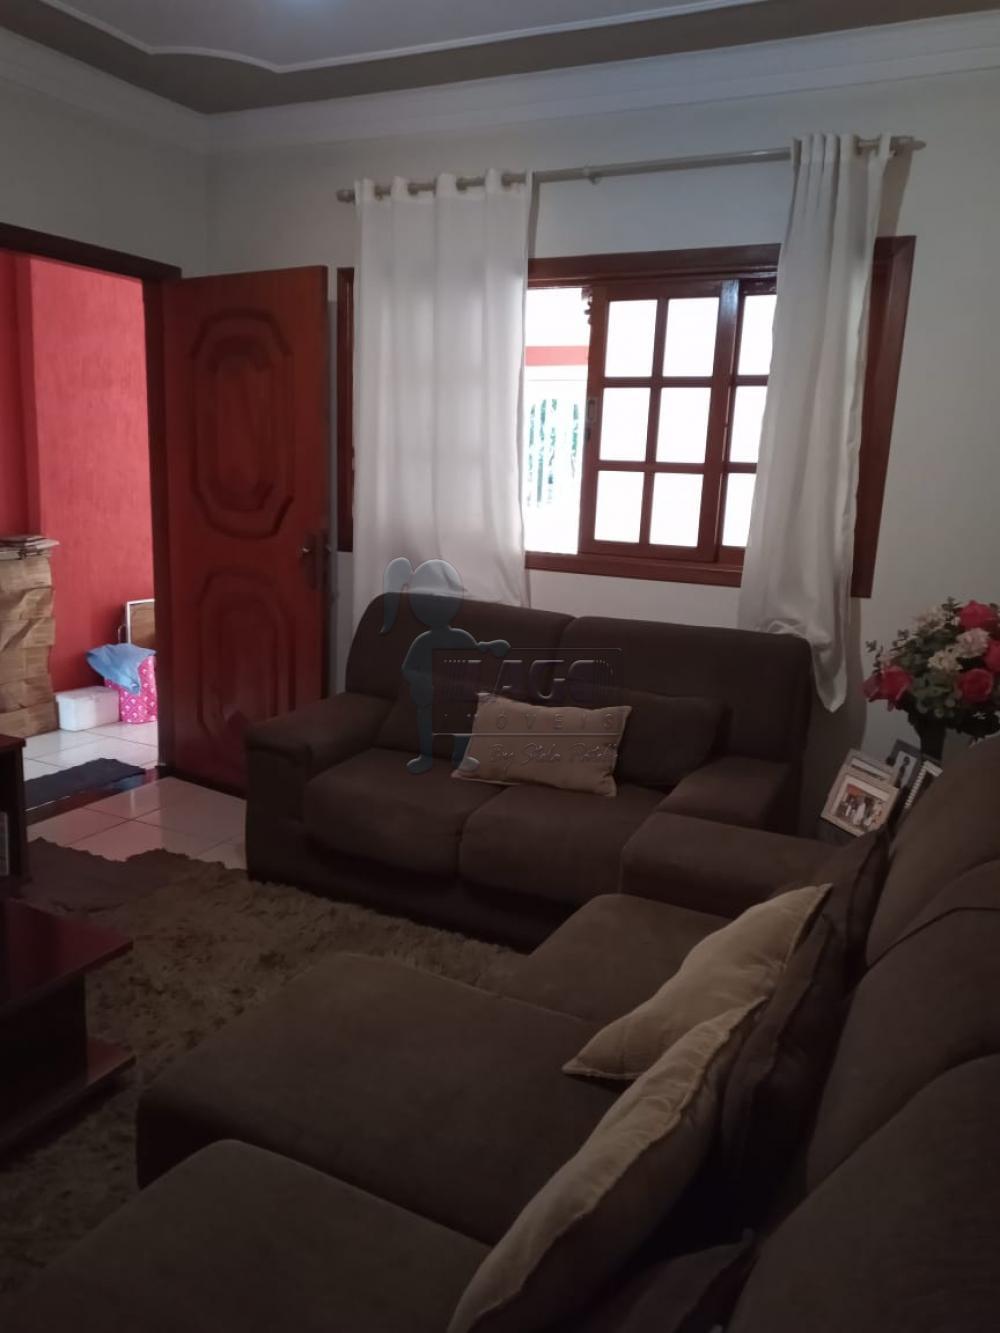 Comprar Casas / Padrão em Ribeirão Preto R$ 265.000,00 - Foto 2